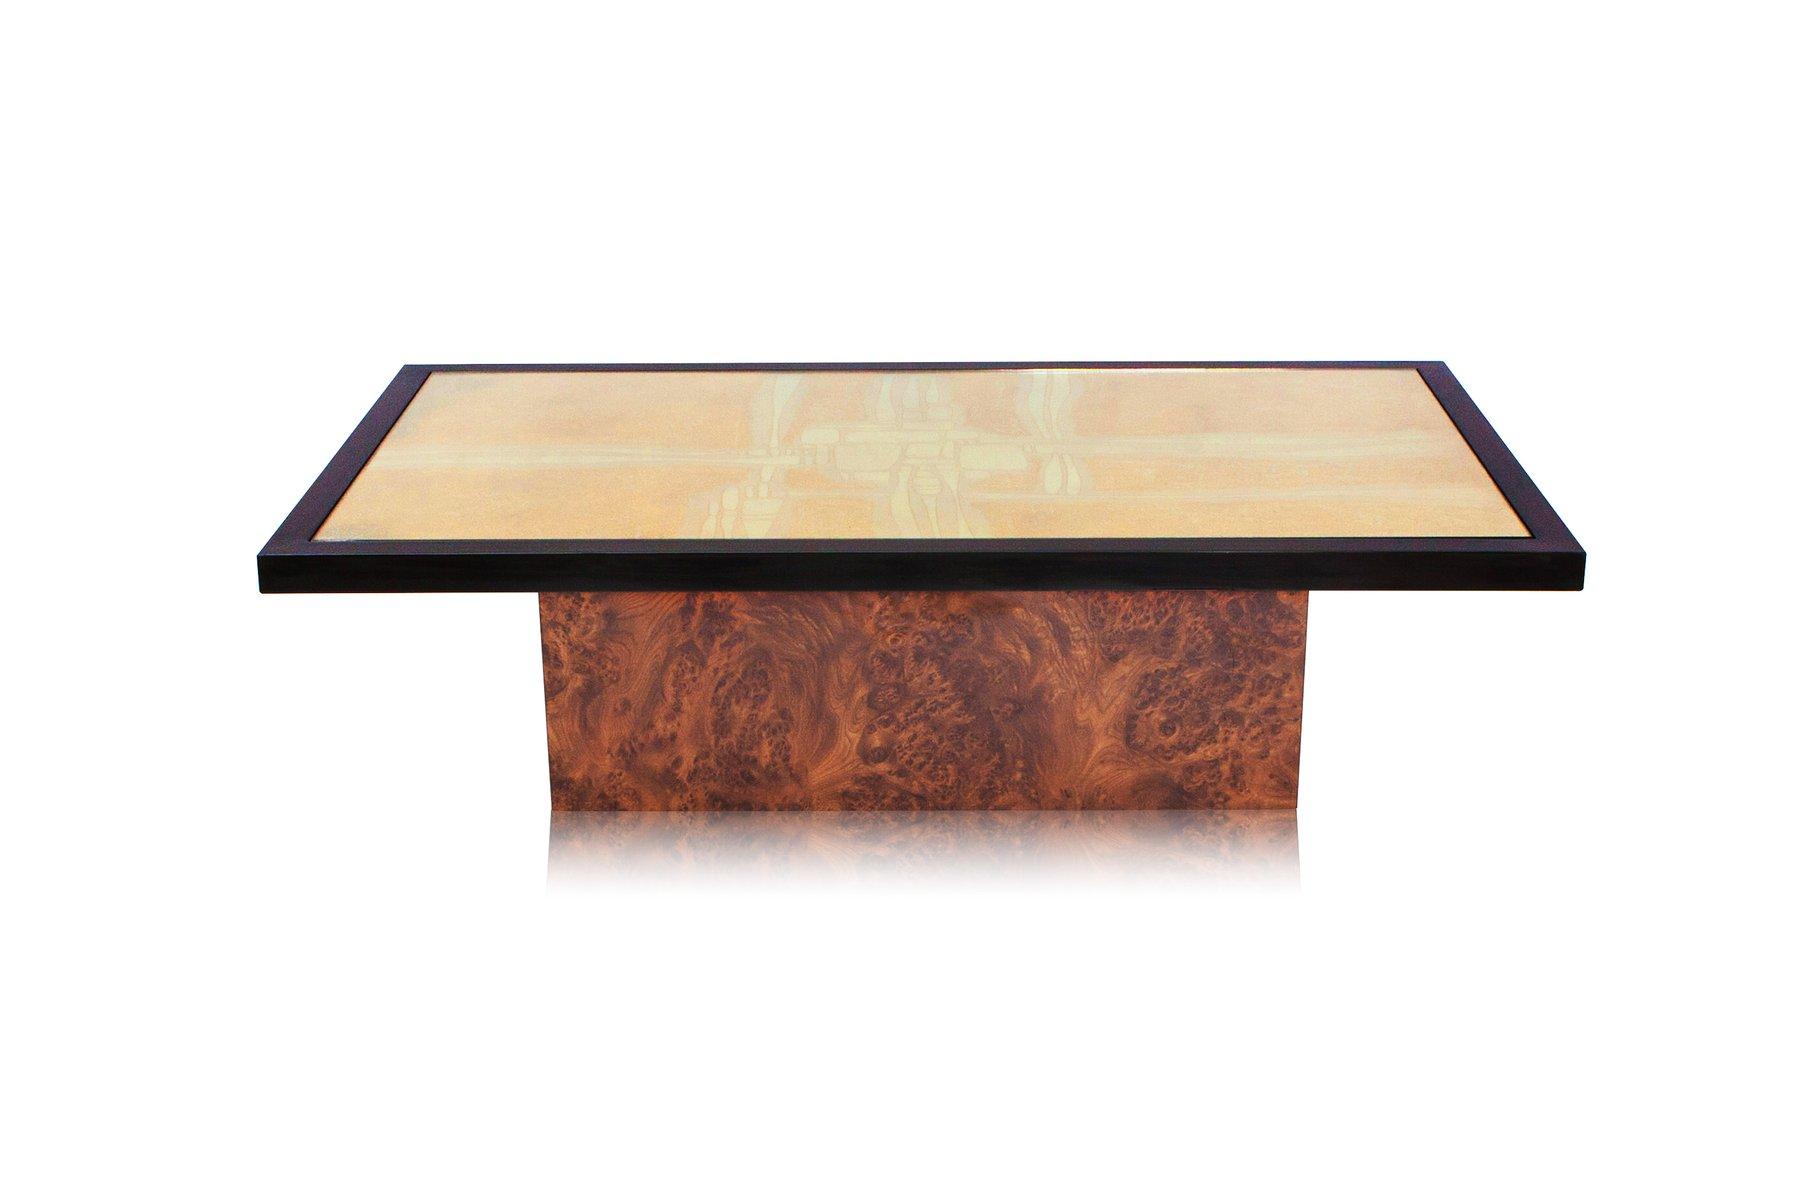 table basse en laiton maill par maho 1970s en vente sur pamono. Black Bedroom Furniture Sets. Home Design Ideas